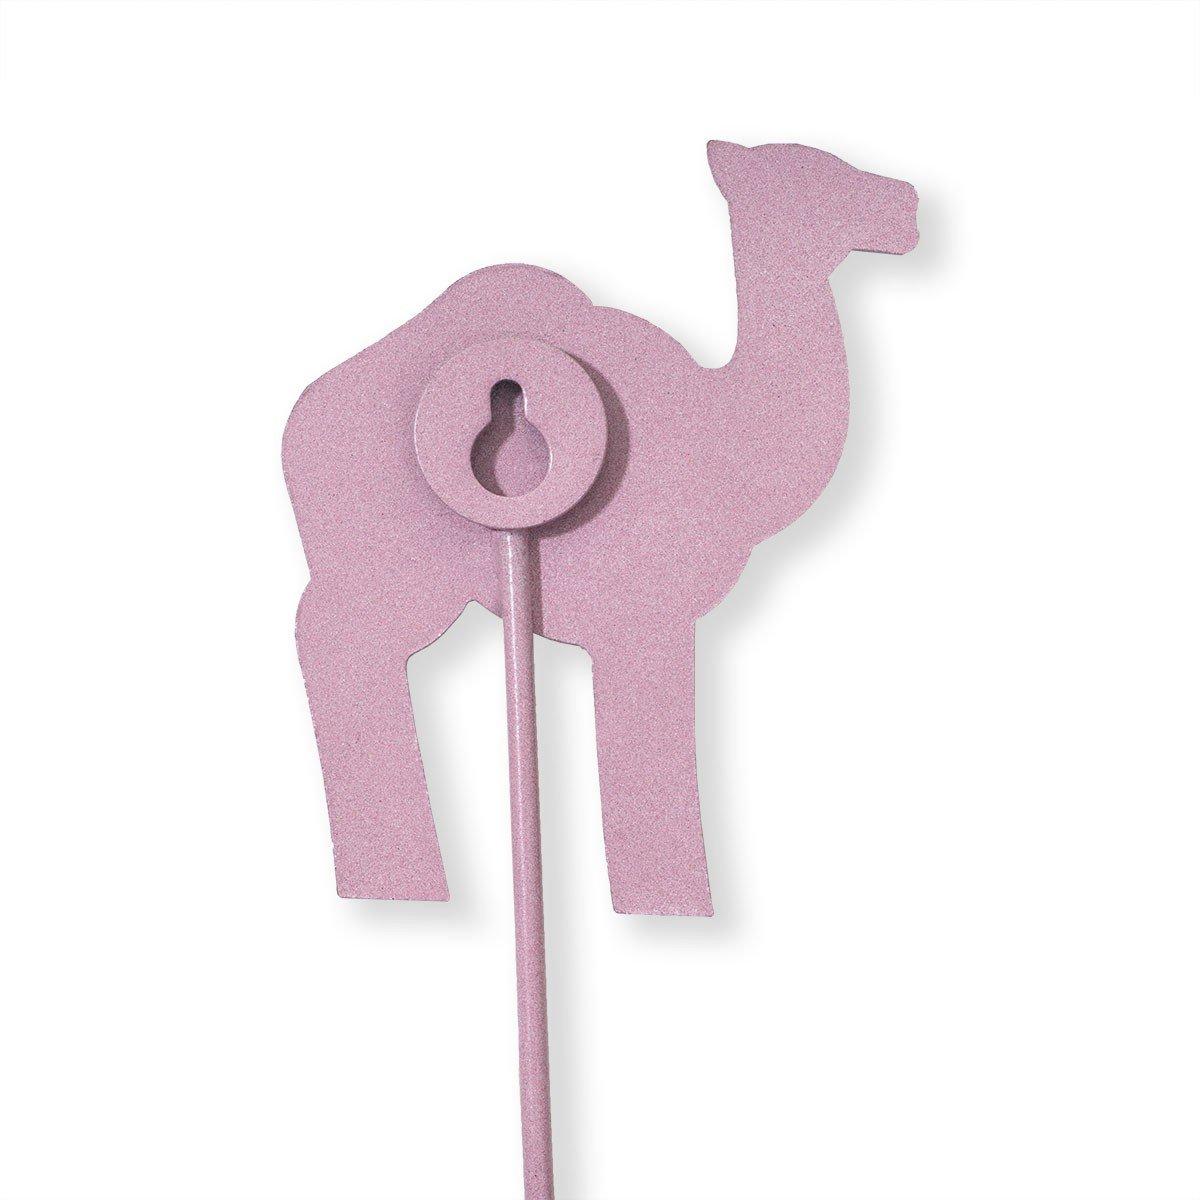 LA Perchero Gancho Pared Camello Rosa (Ropa): Amazon.es: Hogar